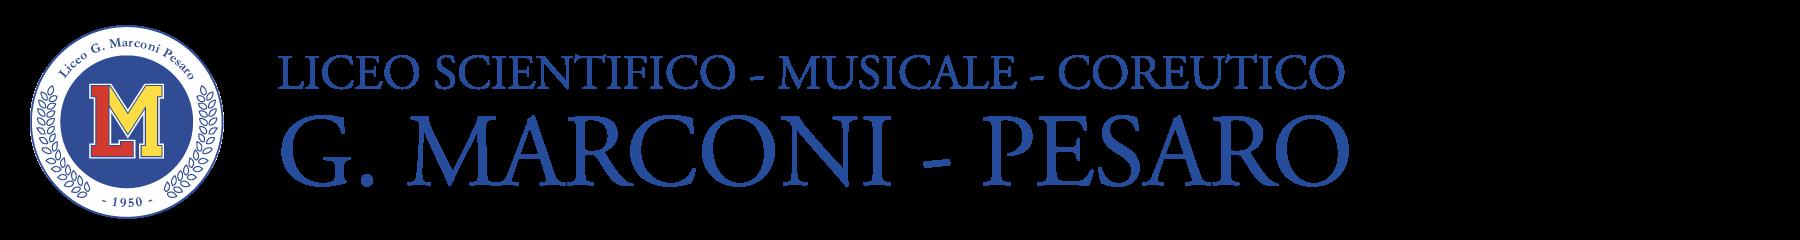 Liceo Scientifico, Musicale e Coreutico G. Marconi - Pesaro